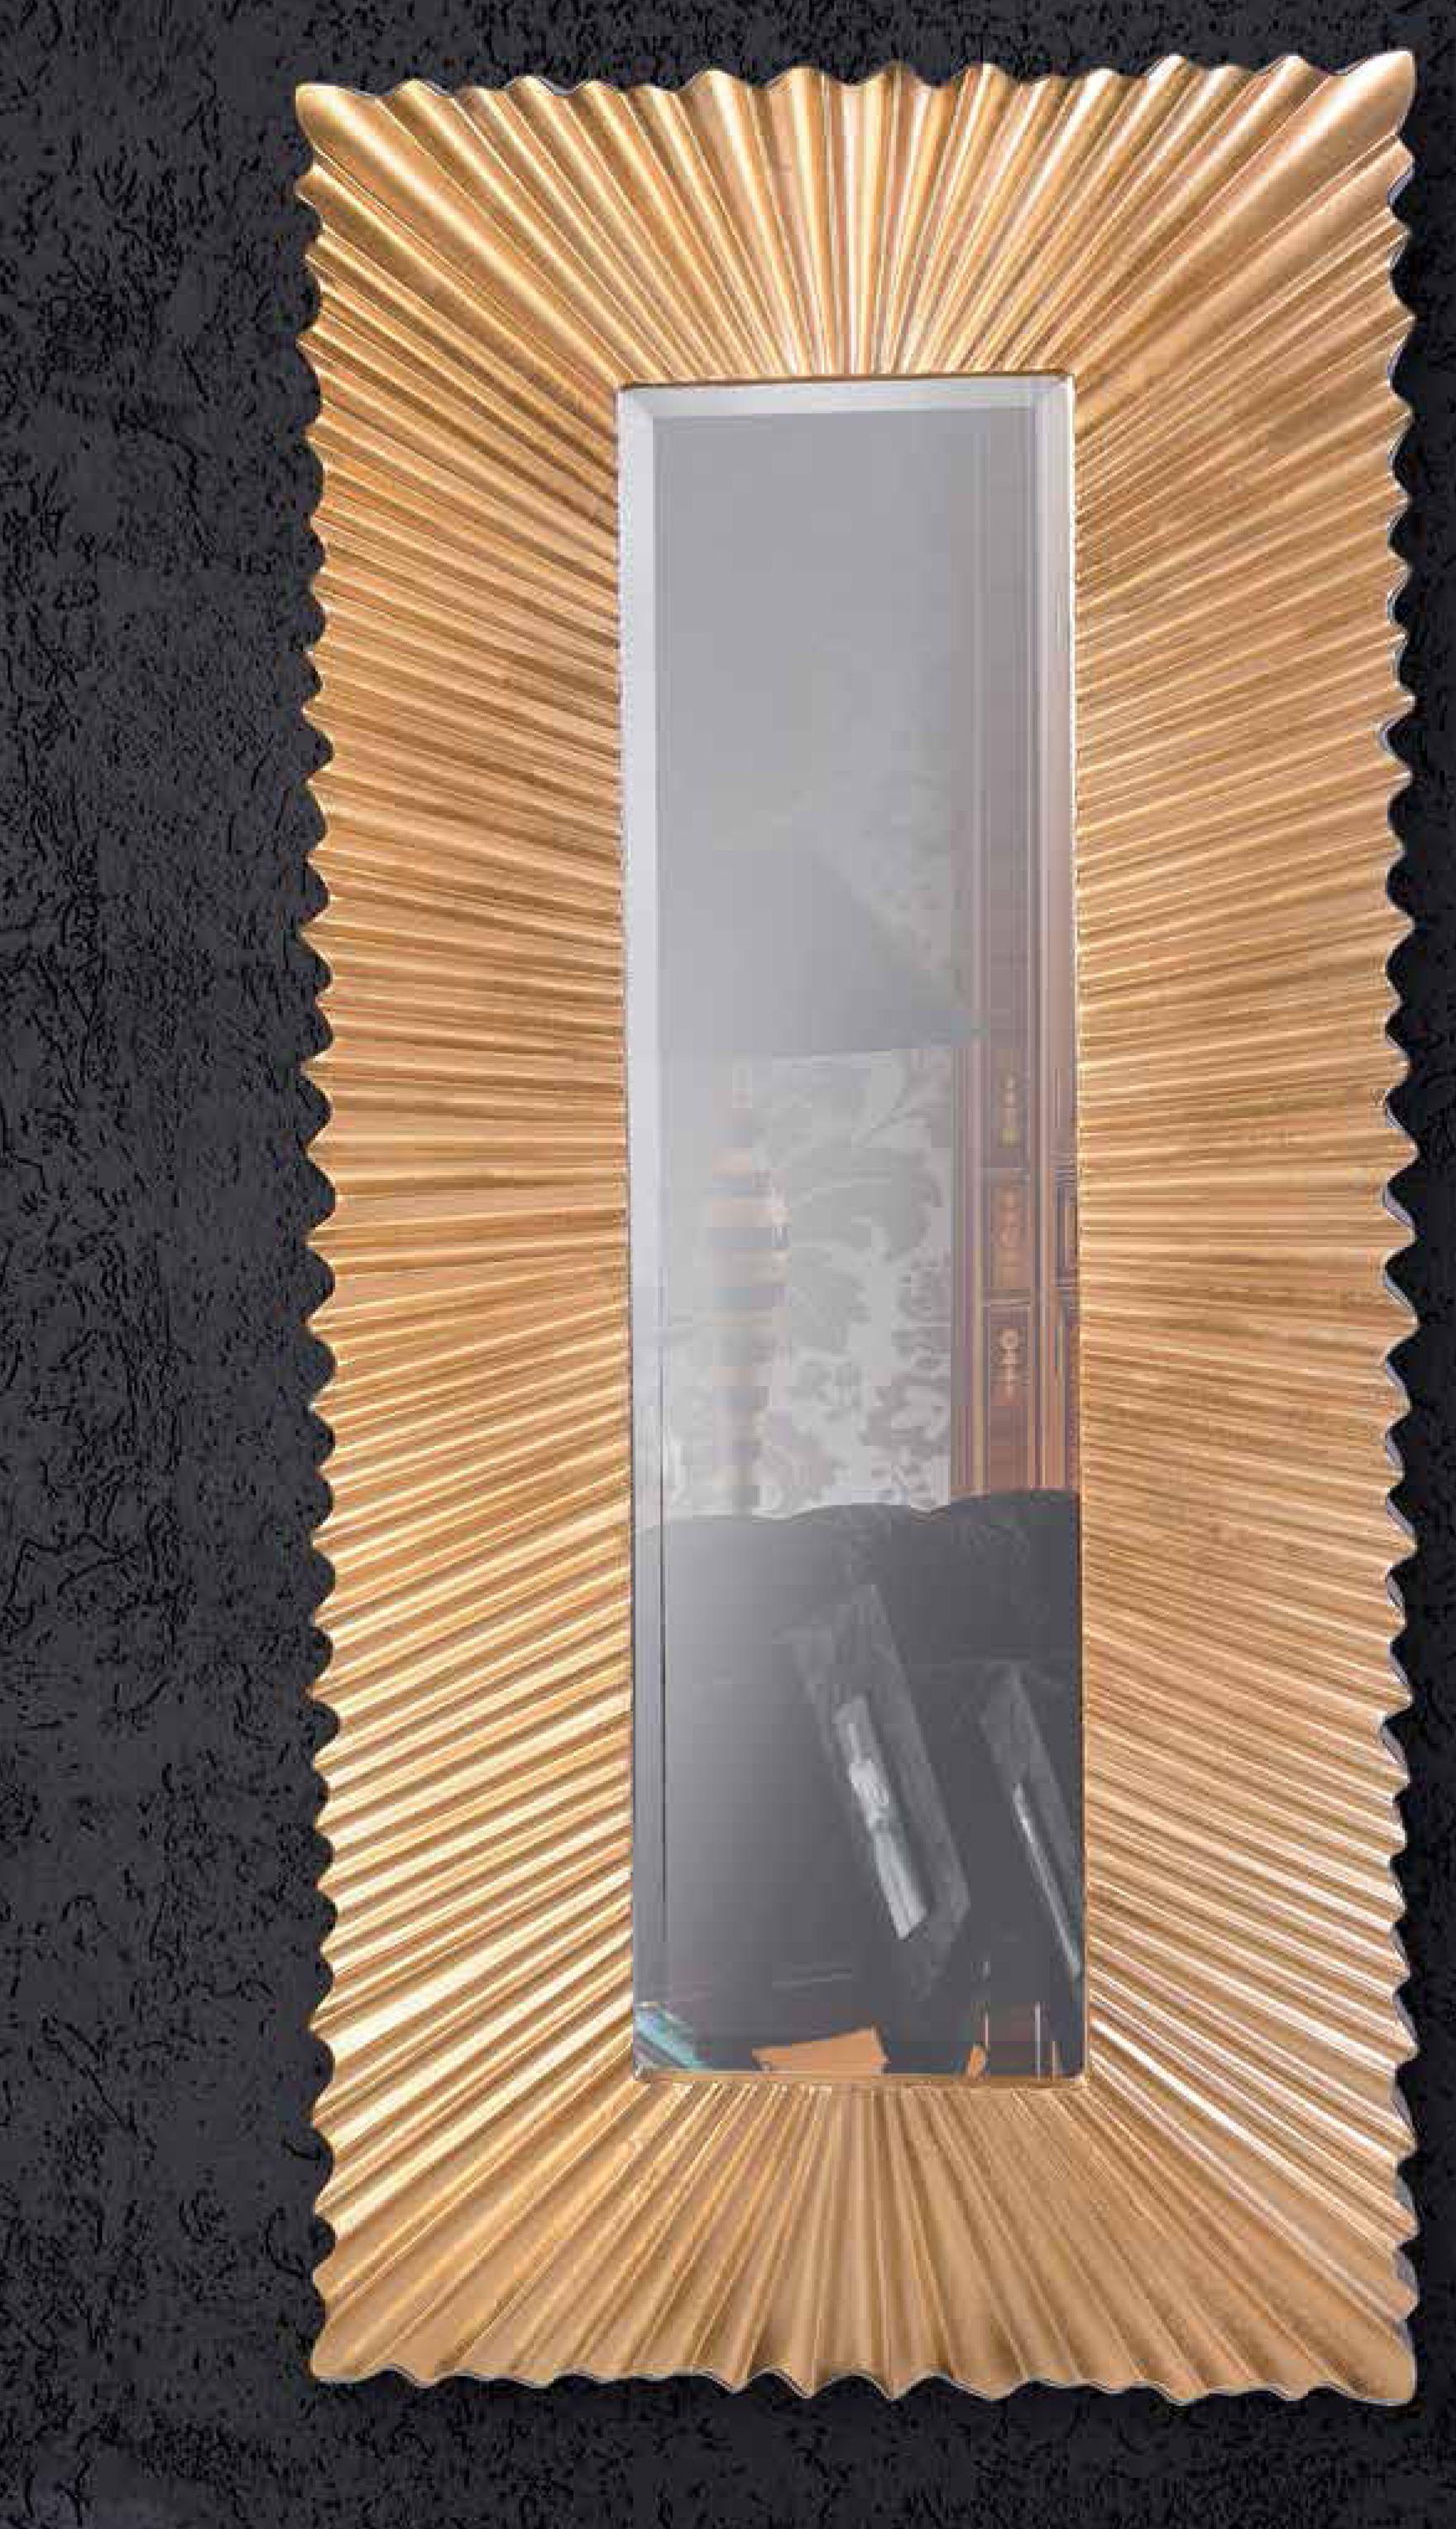 Espejo Rectangular Espejo De Cristal Espejo De Diseno Clasico - Espejo-original